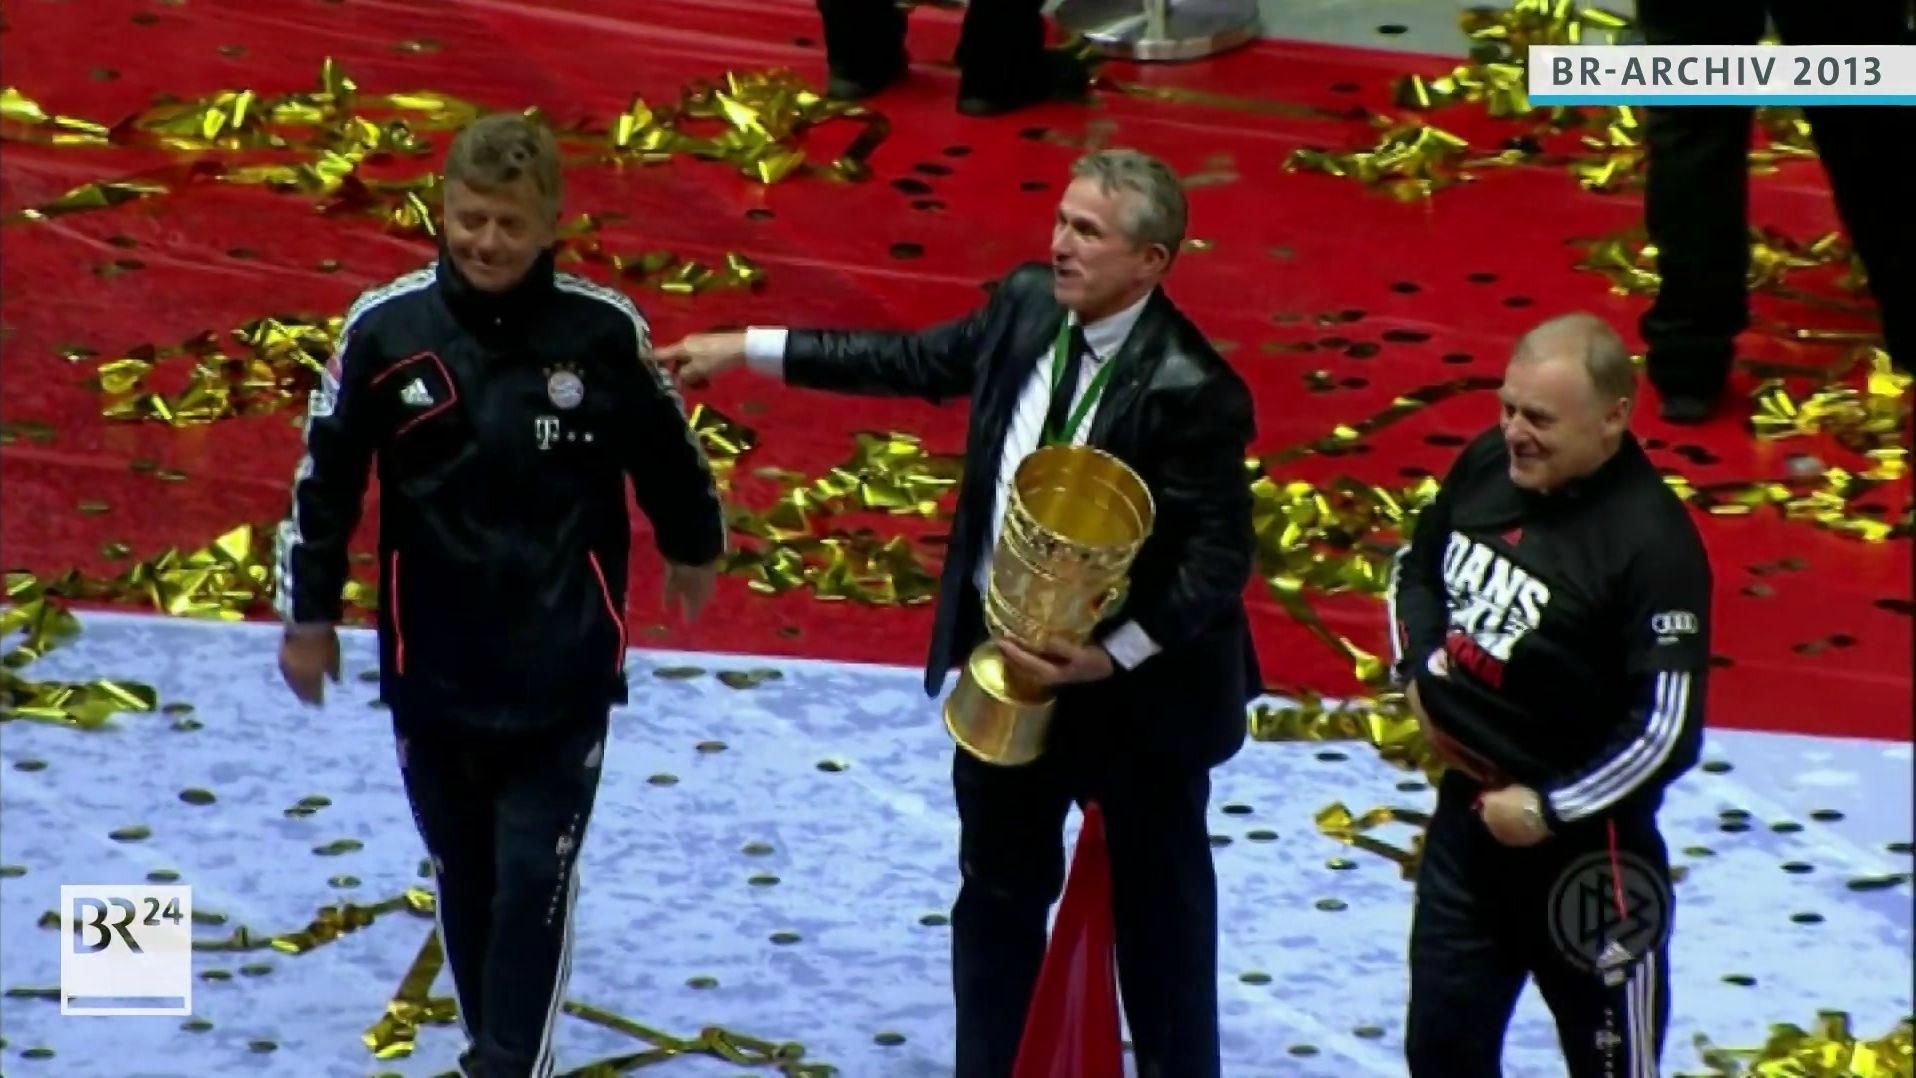 Jupp Heynckes mit seinen Co-Trainern nach dem Sieg im DFB-Pokalfinale 2013